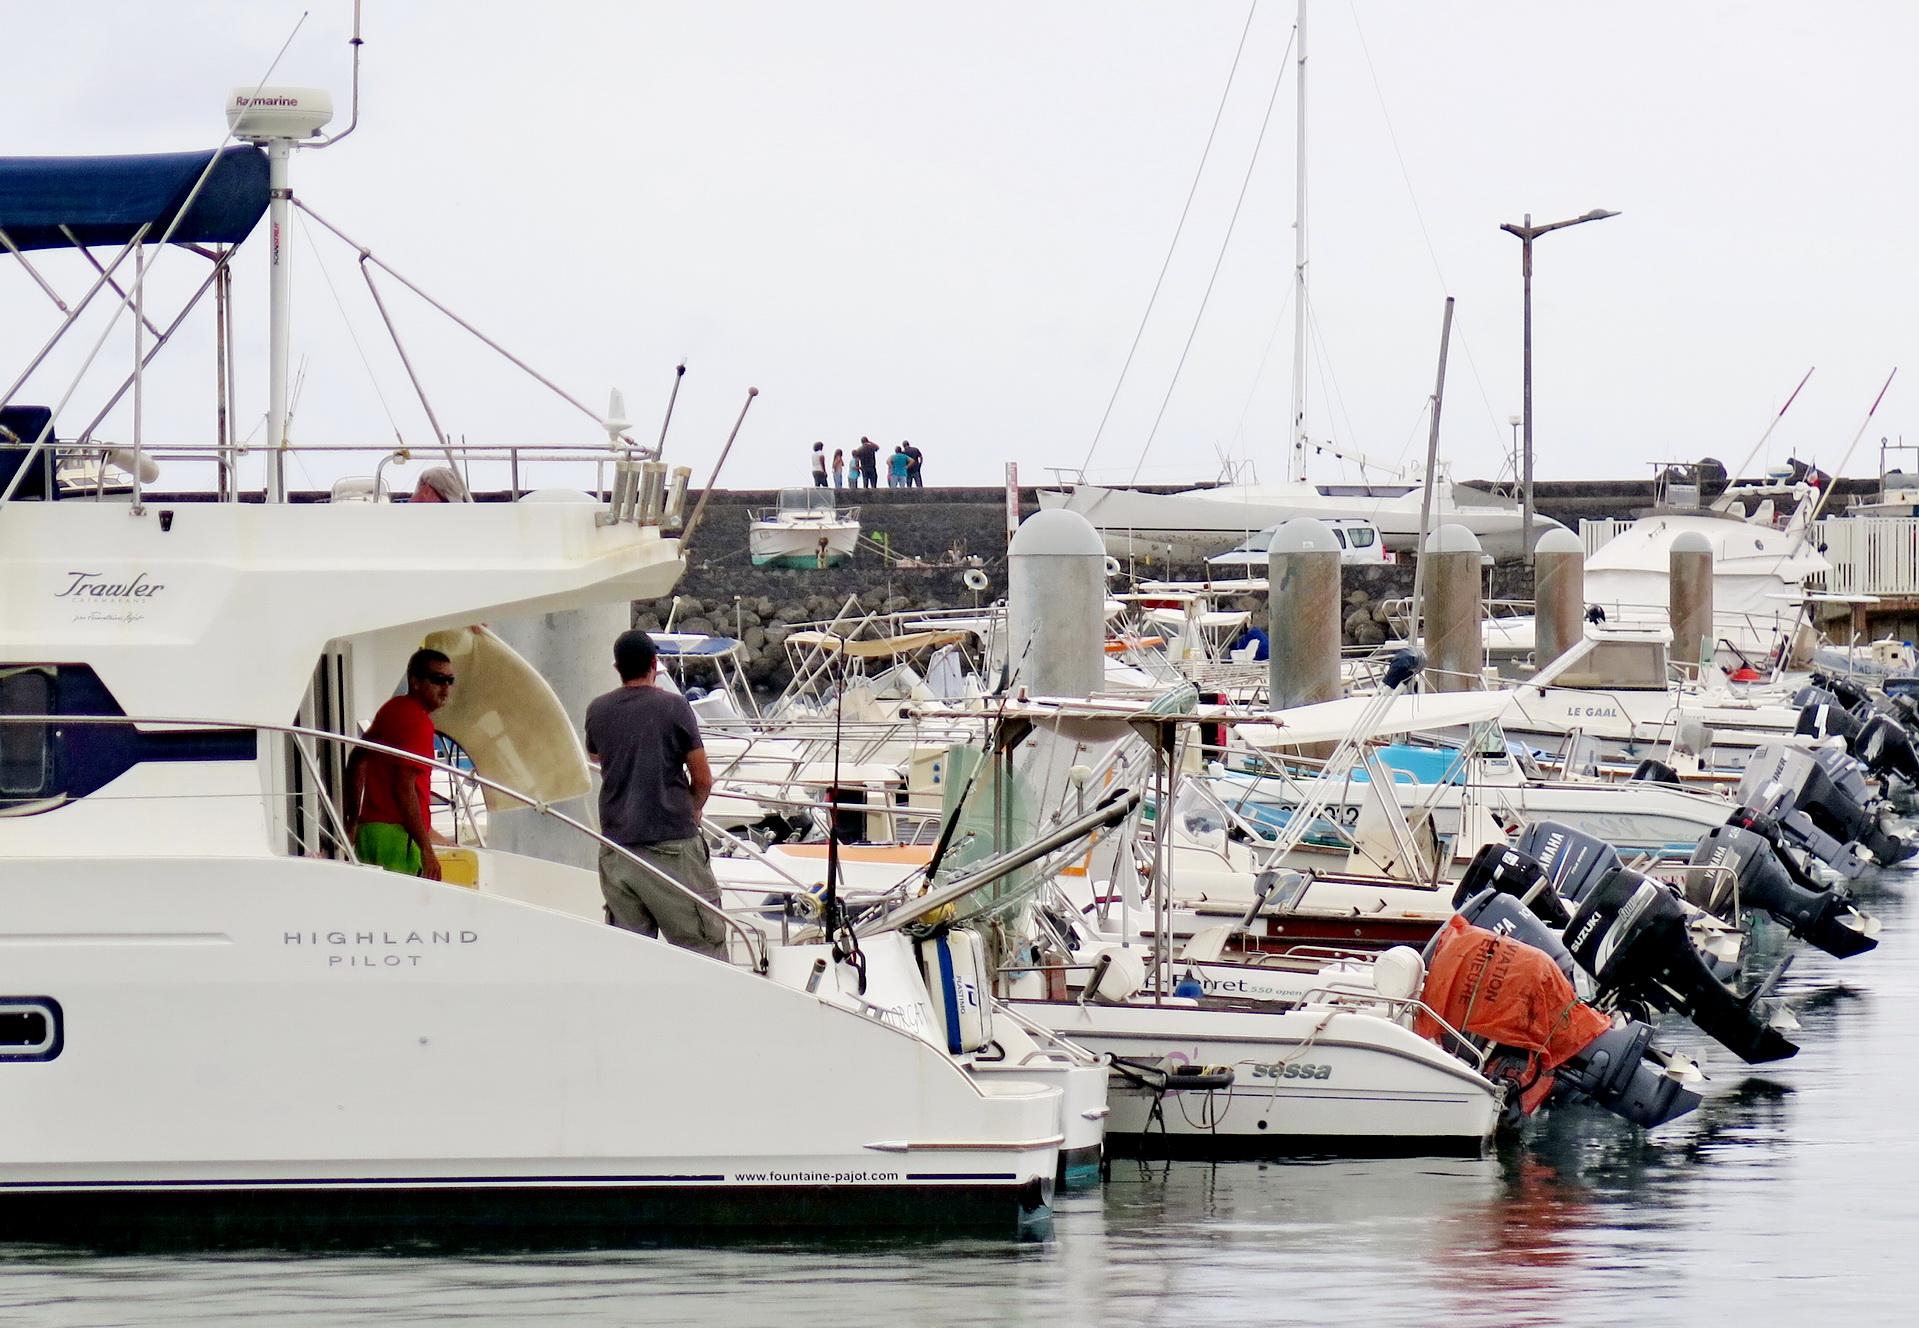 [Vie des ports] Les ports de la Réunion - Page 2 921468saintpierre027